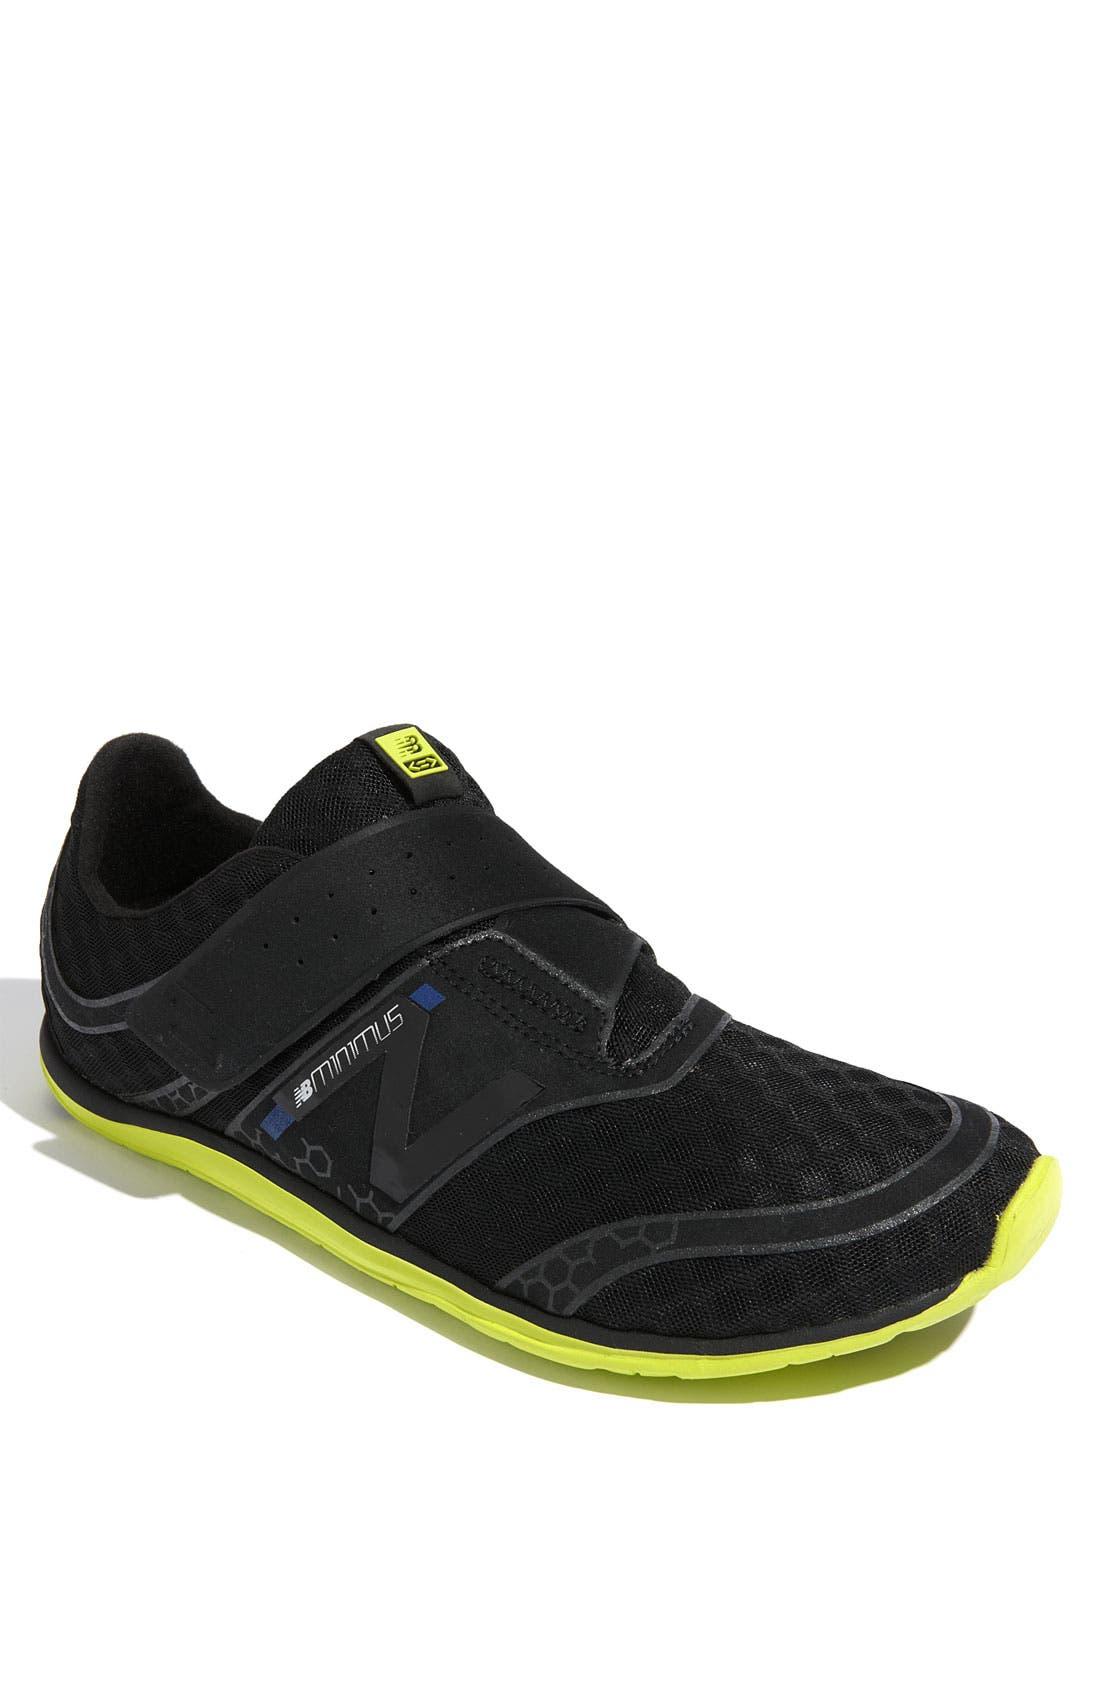 Main Image - New Balance 'Minimus' Walking Shoe (Men)